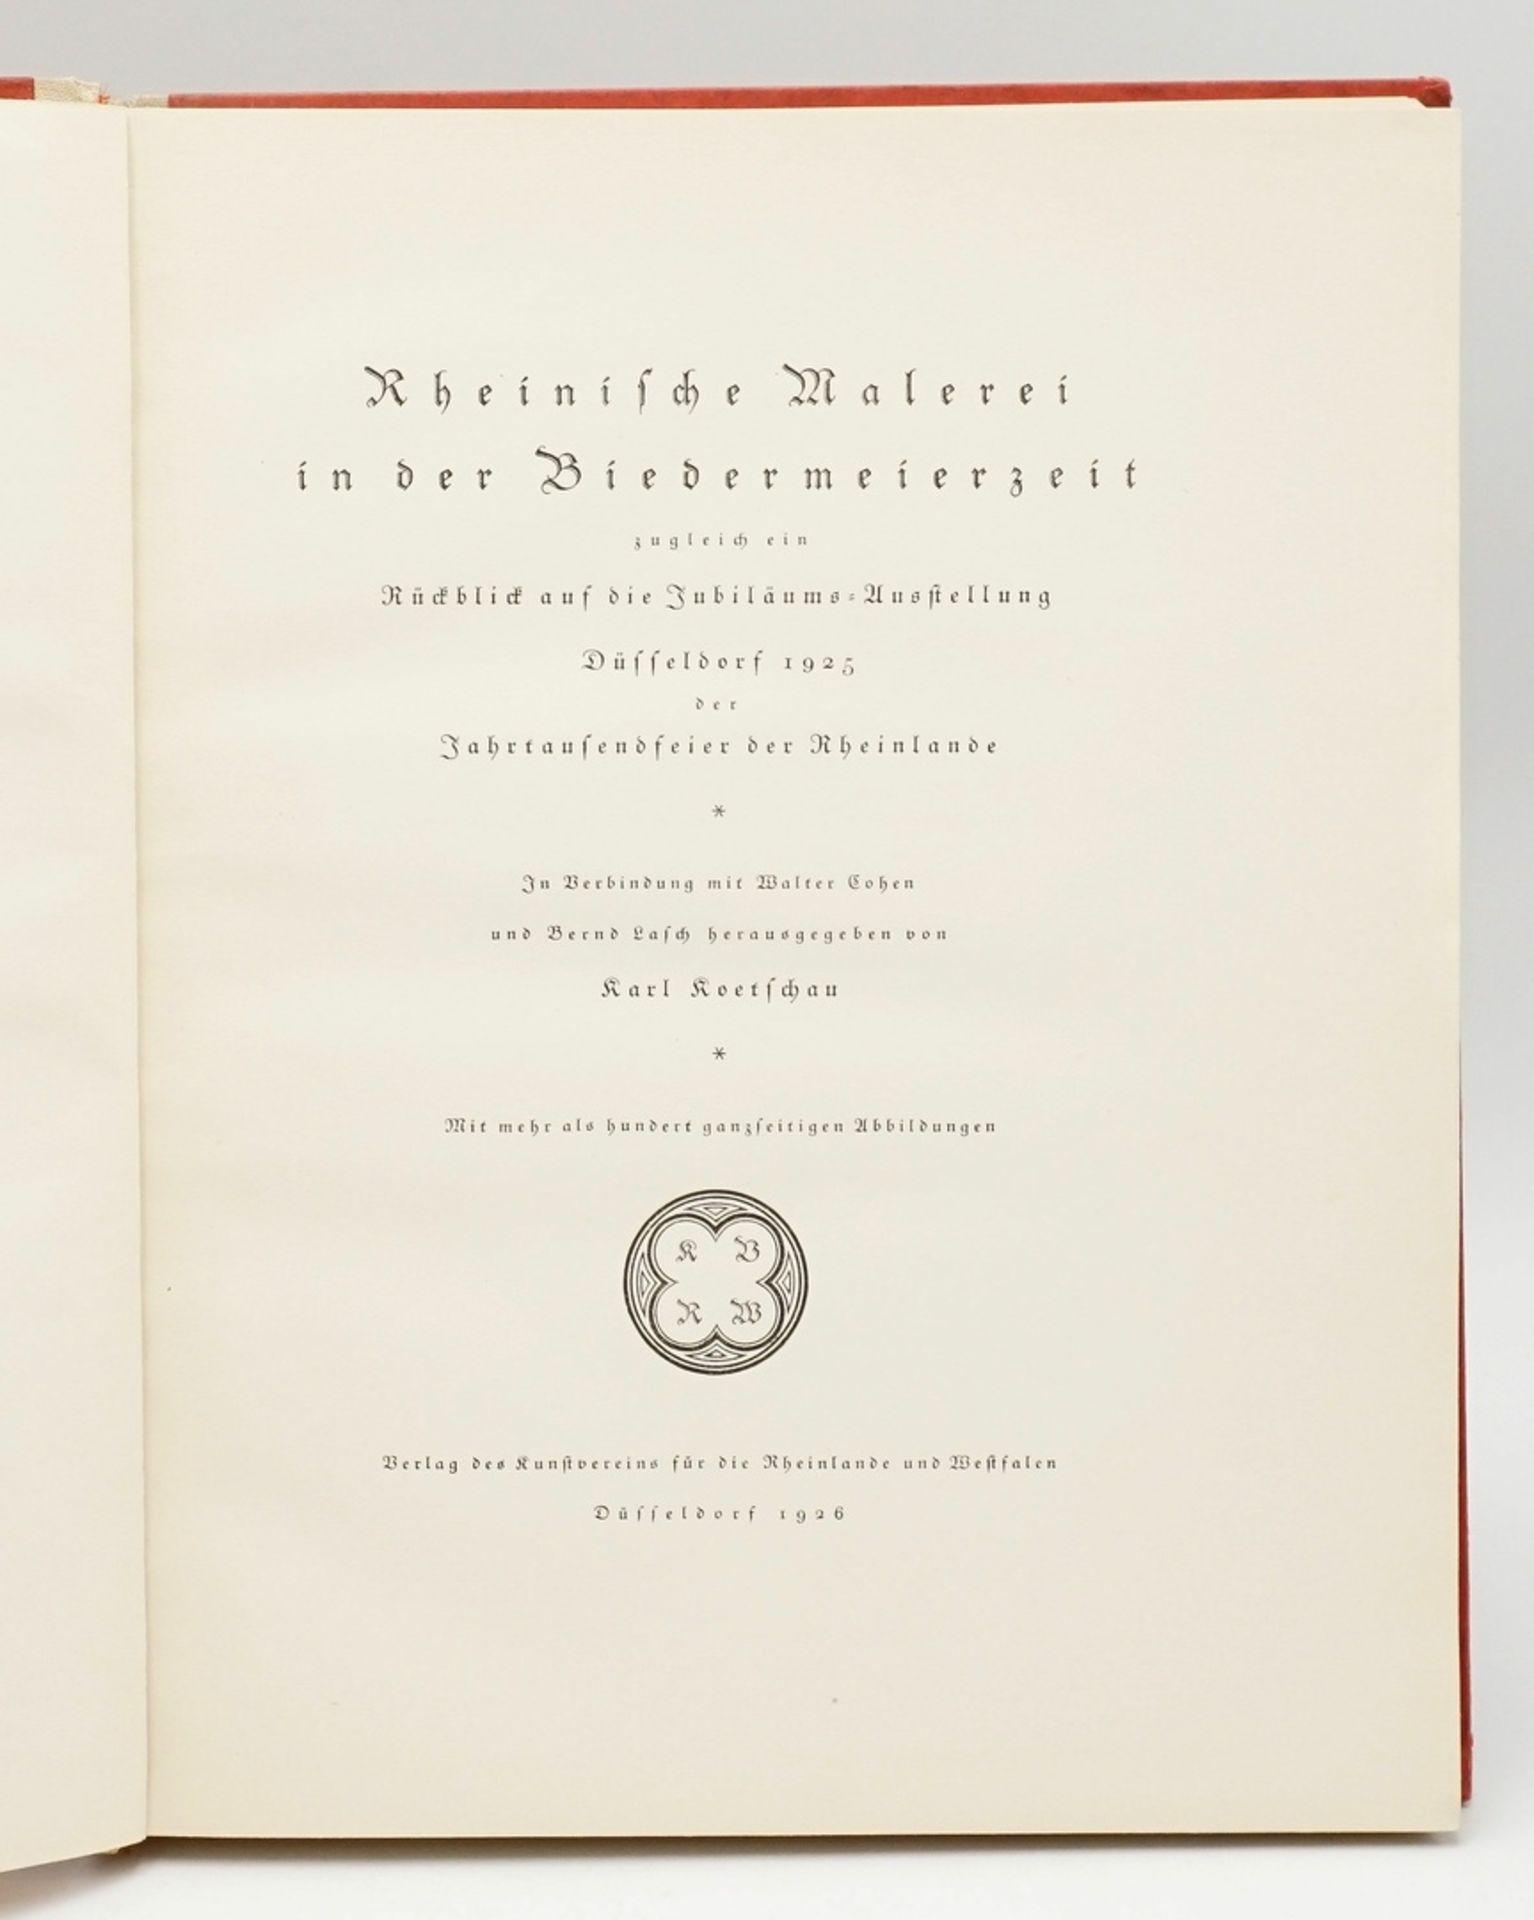 Schrifttum zur rheinischen Kunst / Rheinische Kunst in der Biedermeierzeit - Bild 3 aus 4